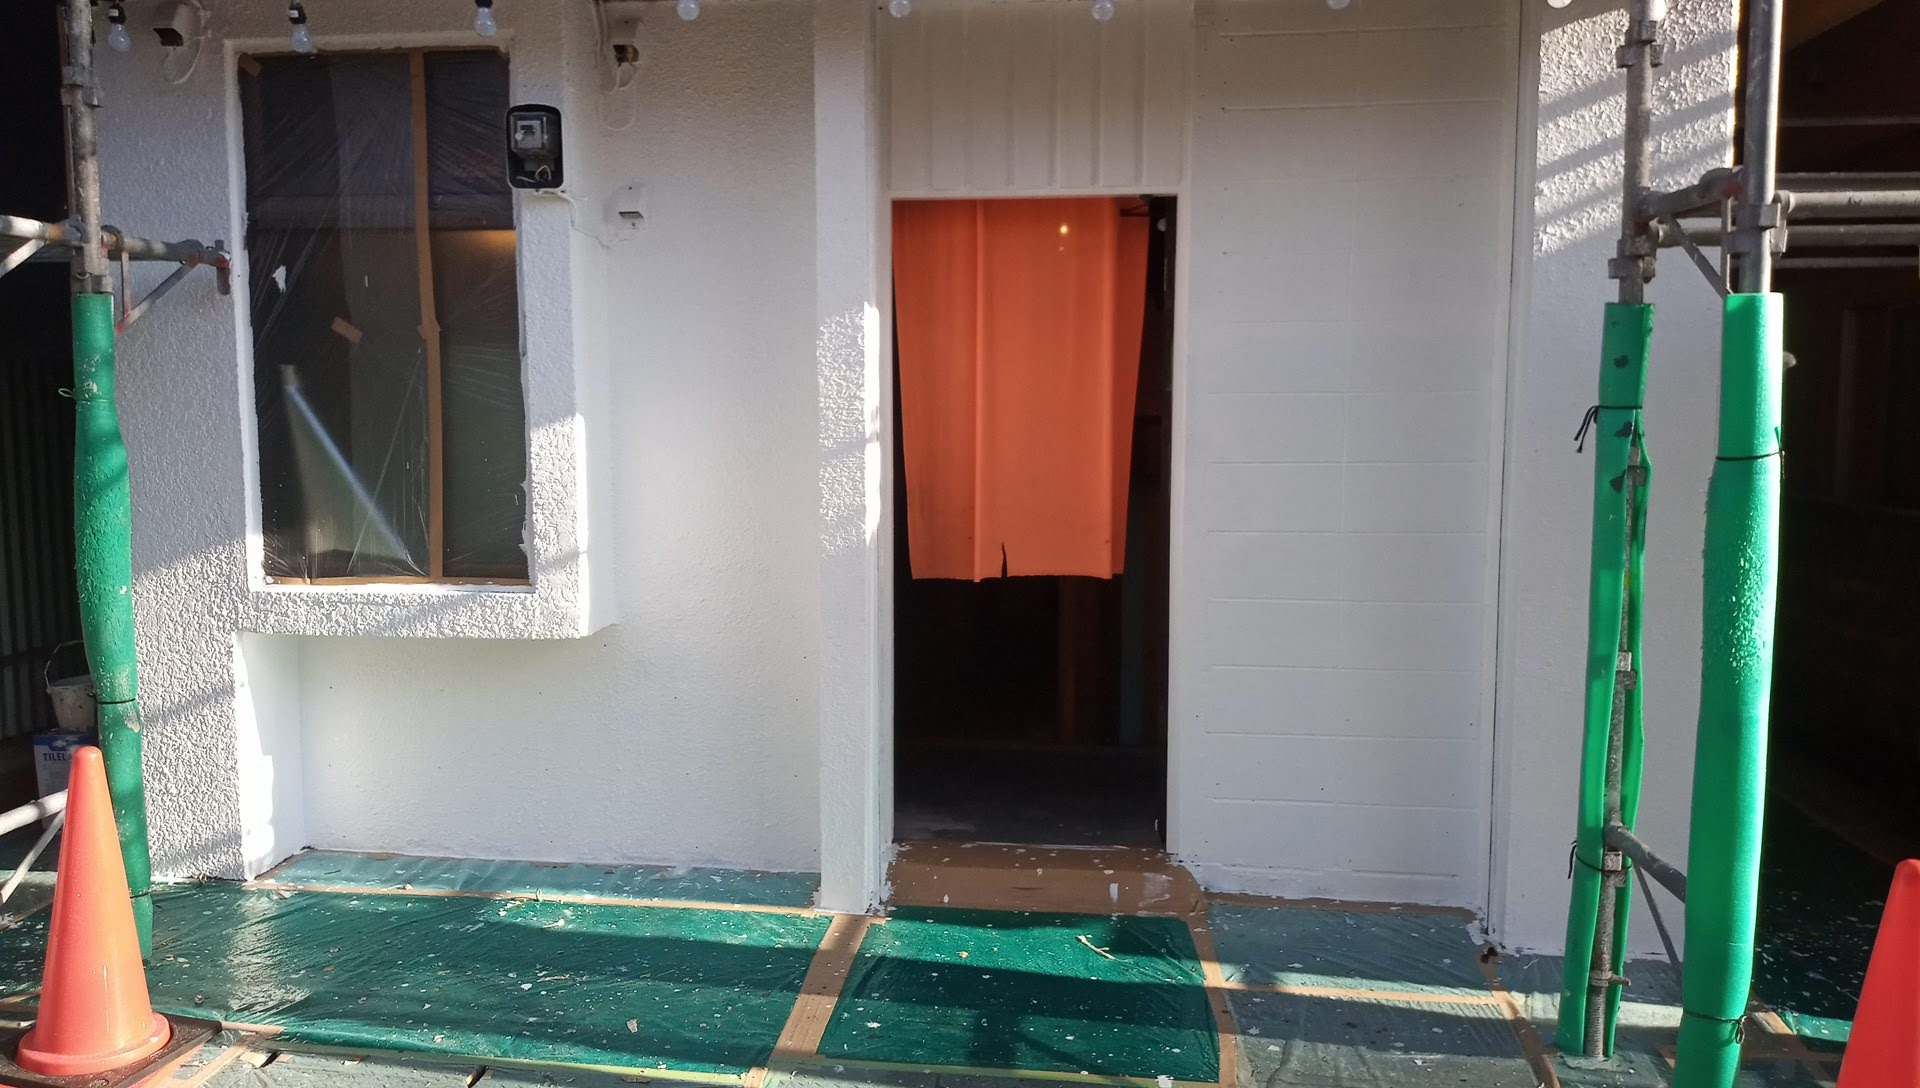 ヴィーガンなのにラーメンも炒飯もびっくりするほどおいしい!金武町のオレンジ食堂